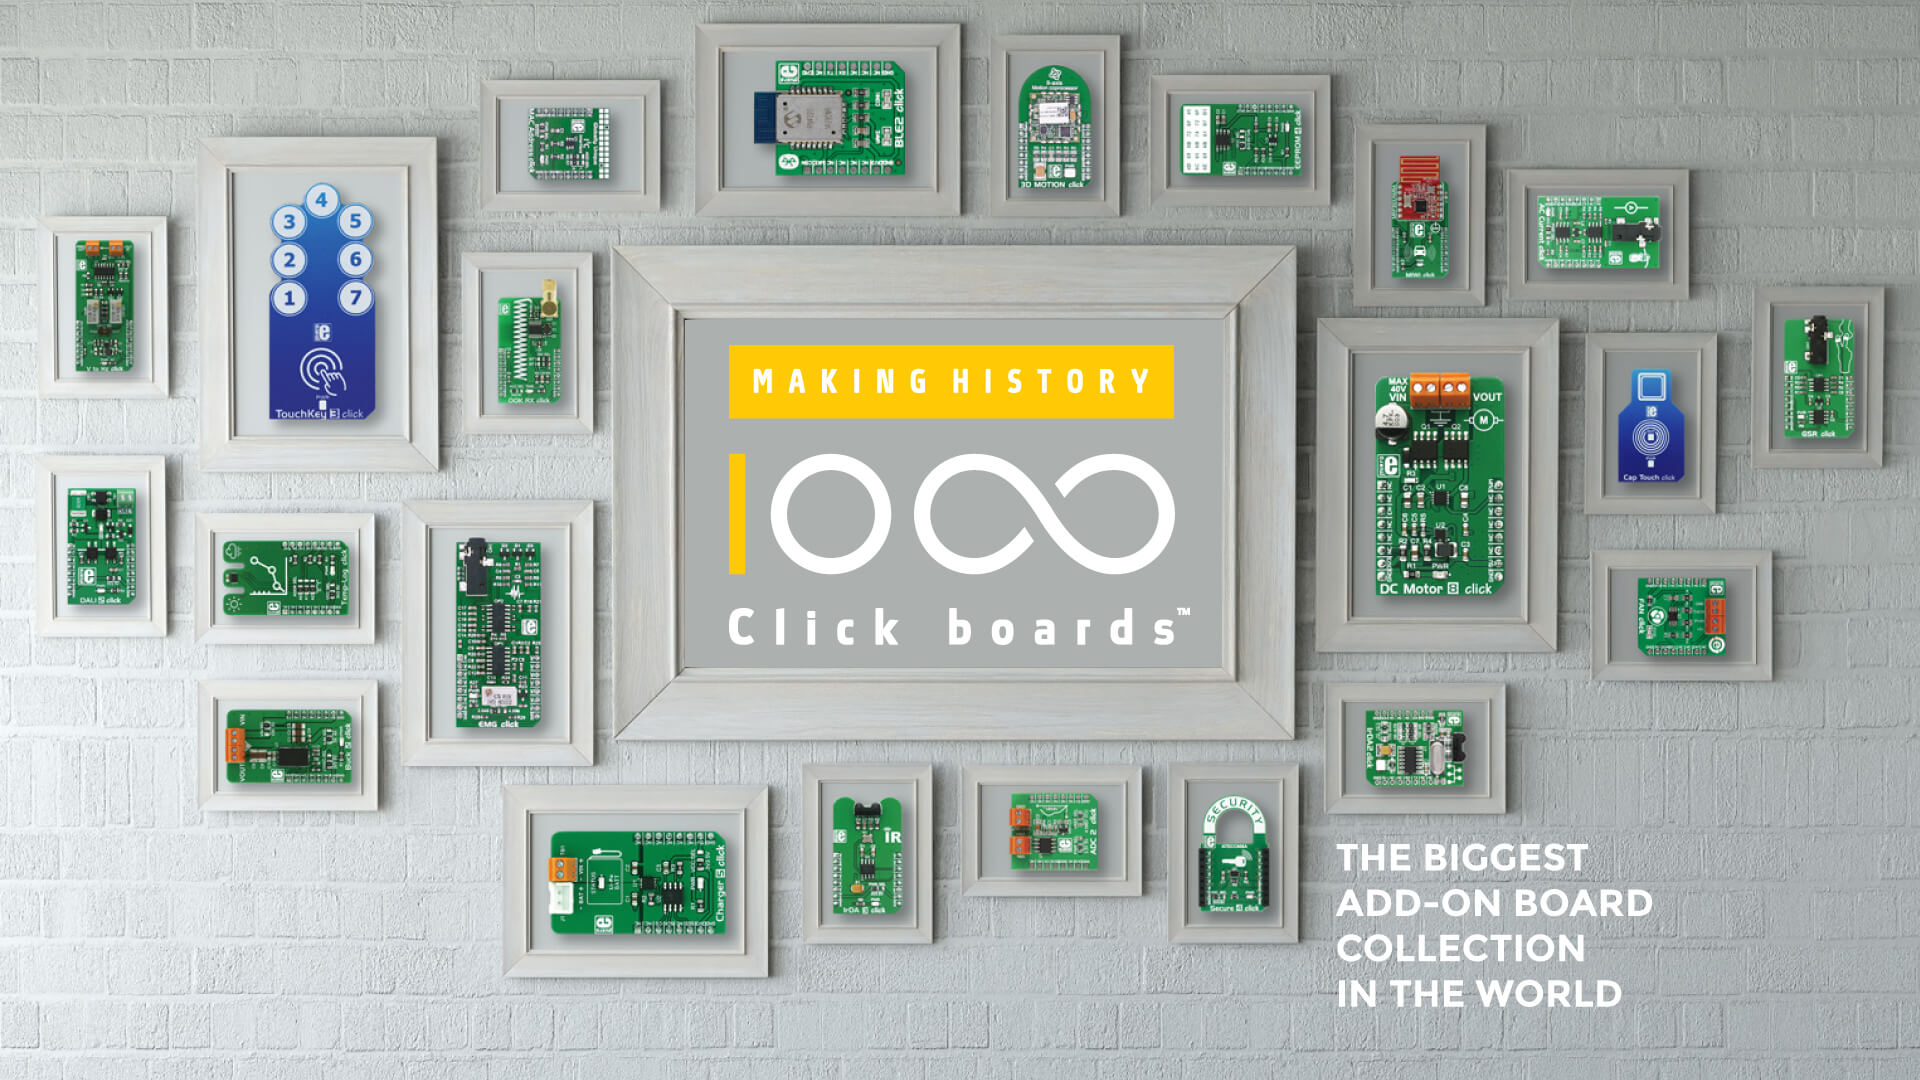 click boards